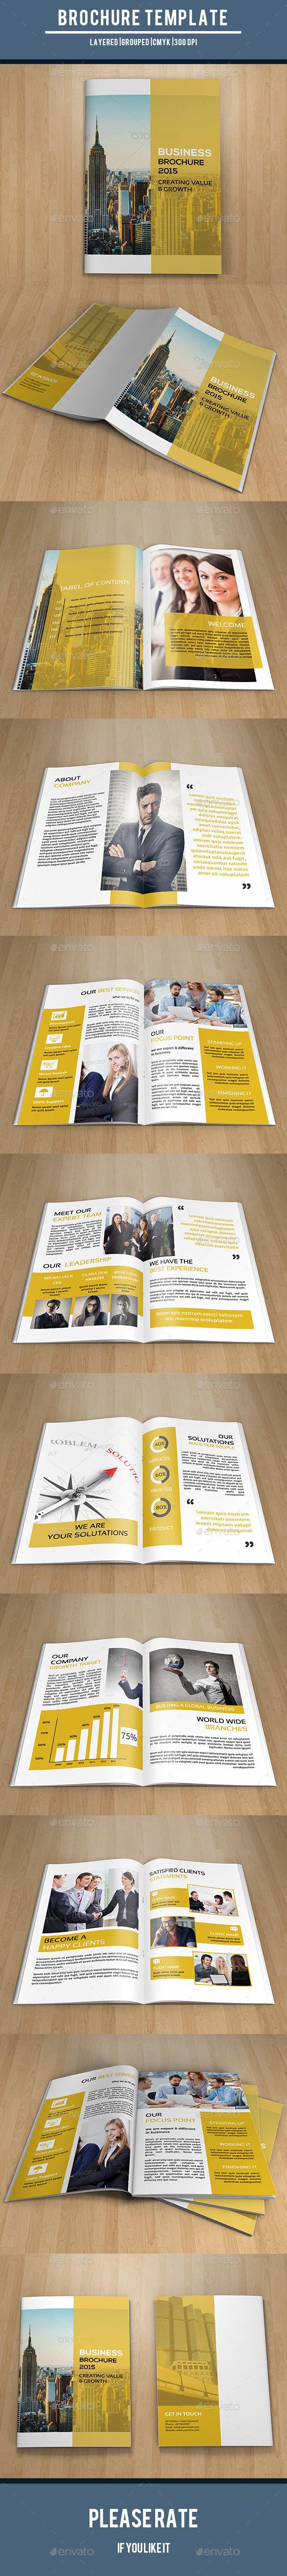 Corporate Bifold Brochure-V194 - Corporate Brochures